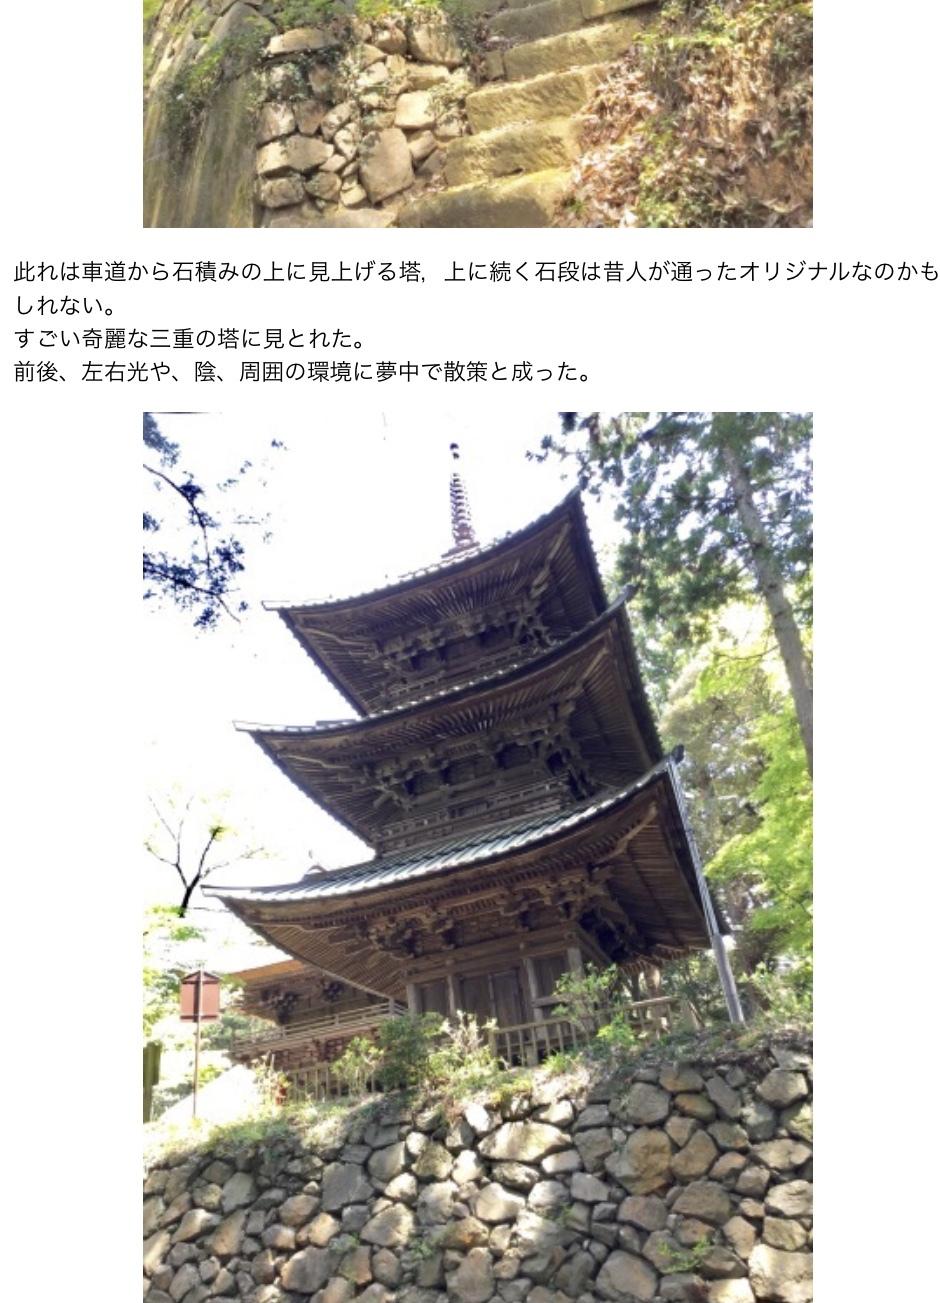 亀甲竹・布袋竹ーーー竹の種類600種もあると知った_a0053063_18584654.jpeg